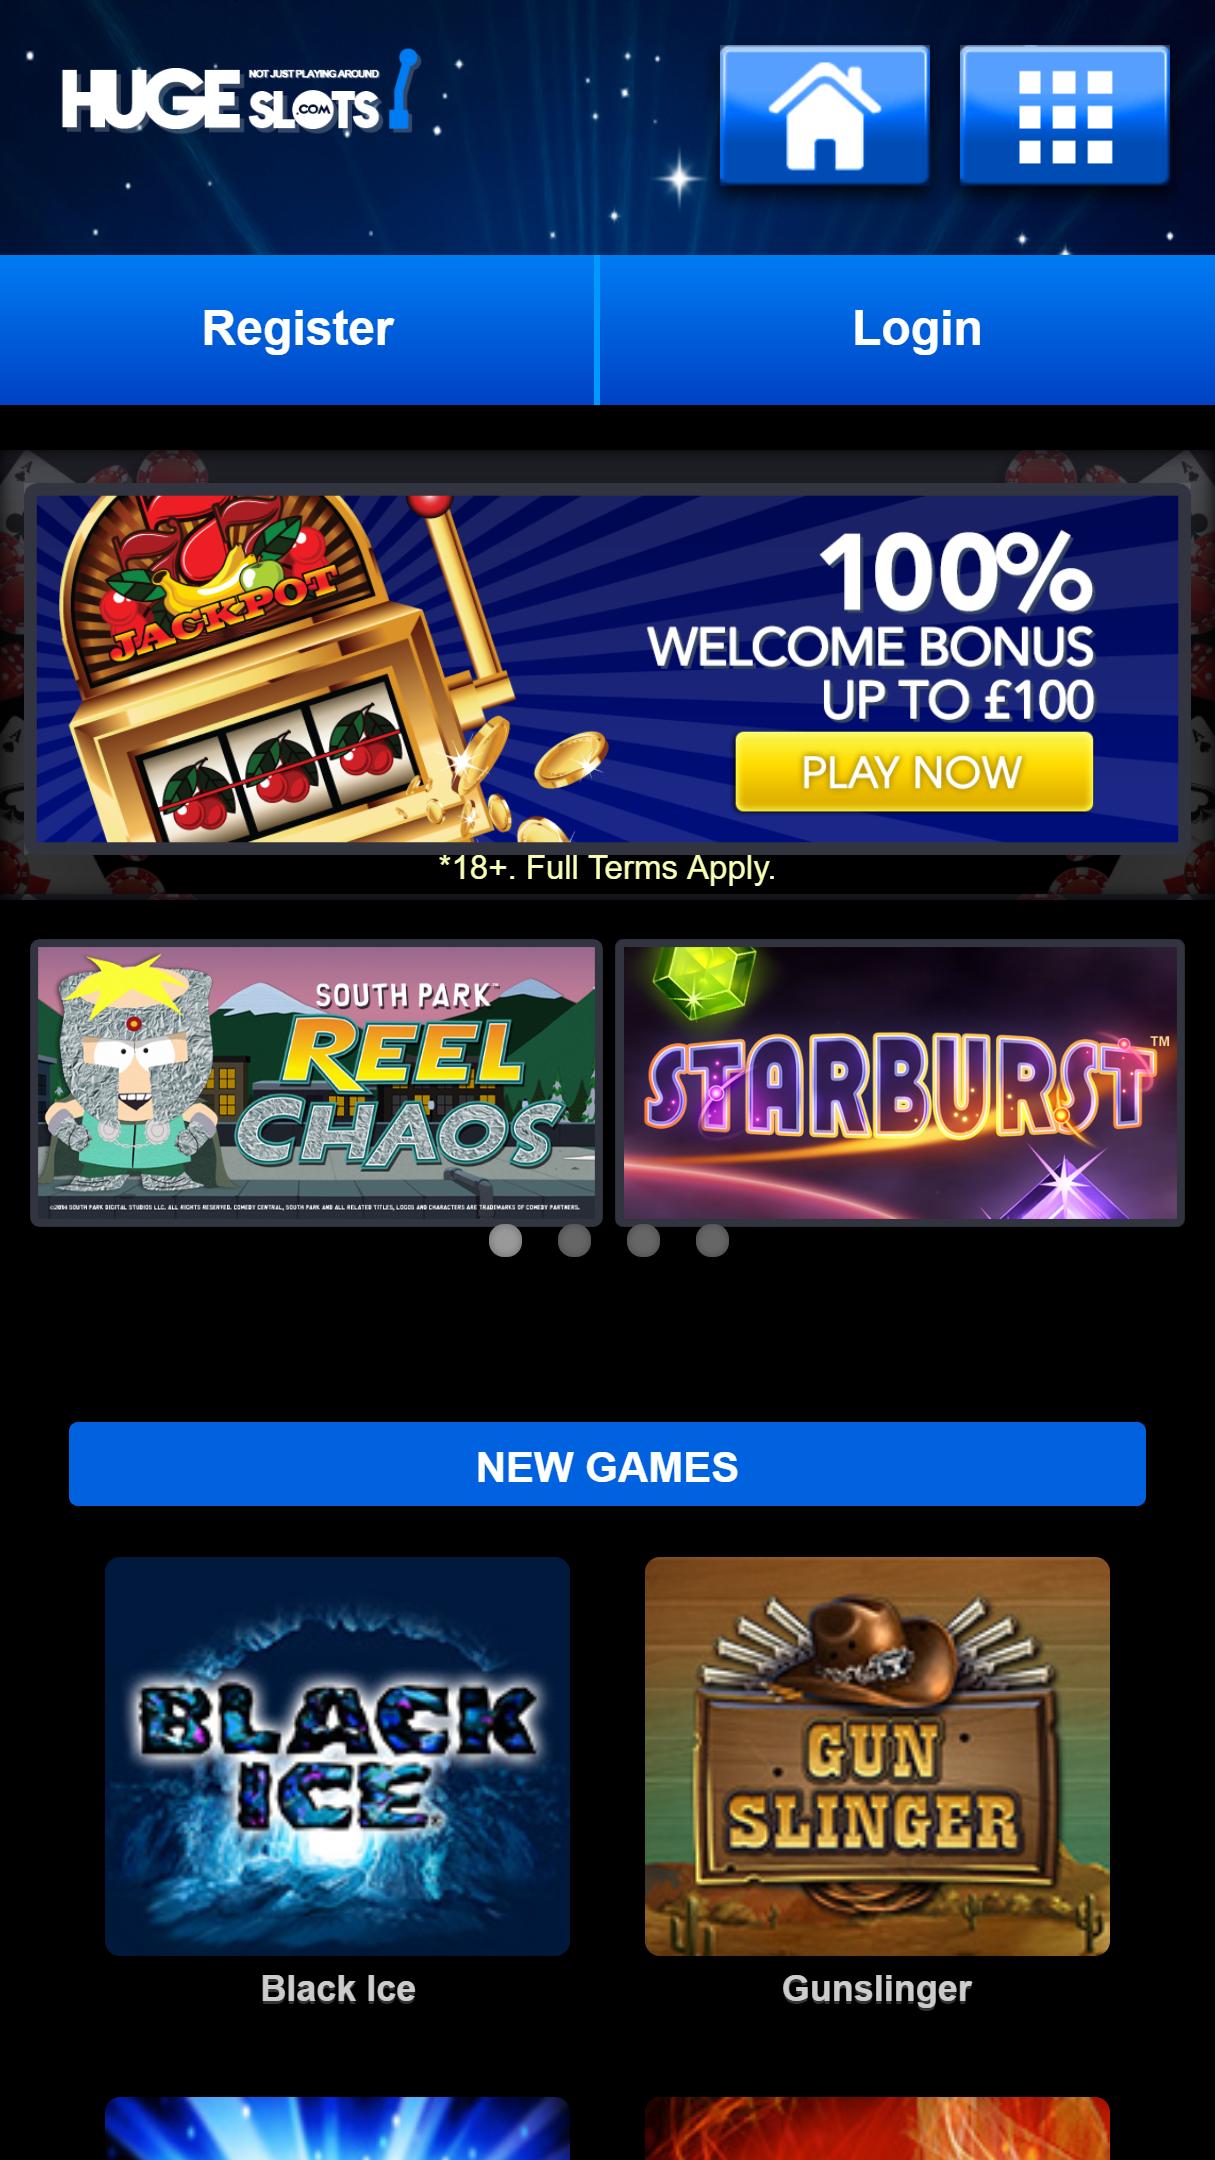 HugeSlots Casino App Homepage